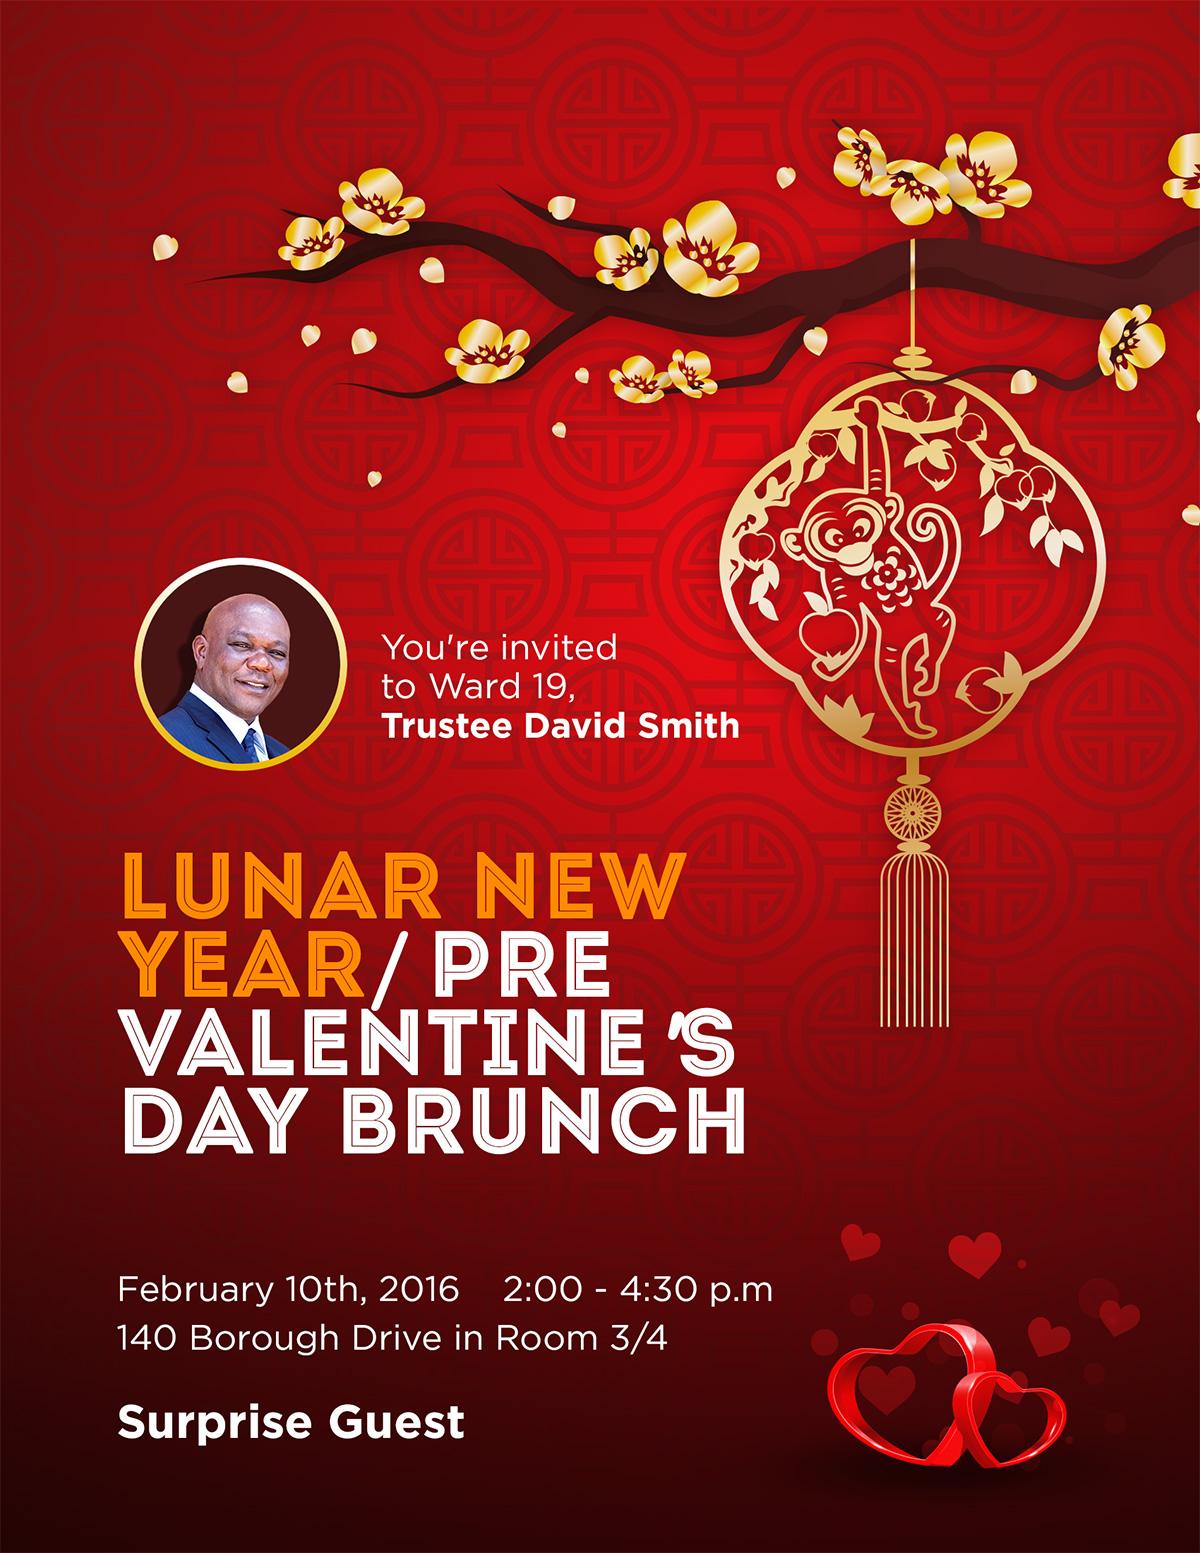 Lunar Year/Pre Valentine's Day Brunch